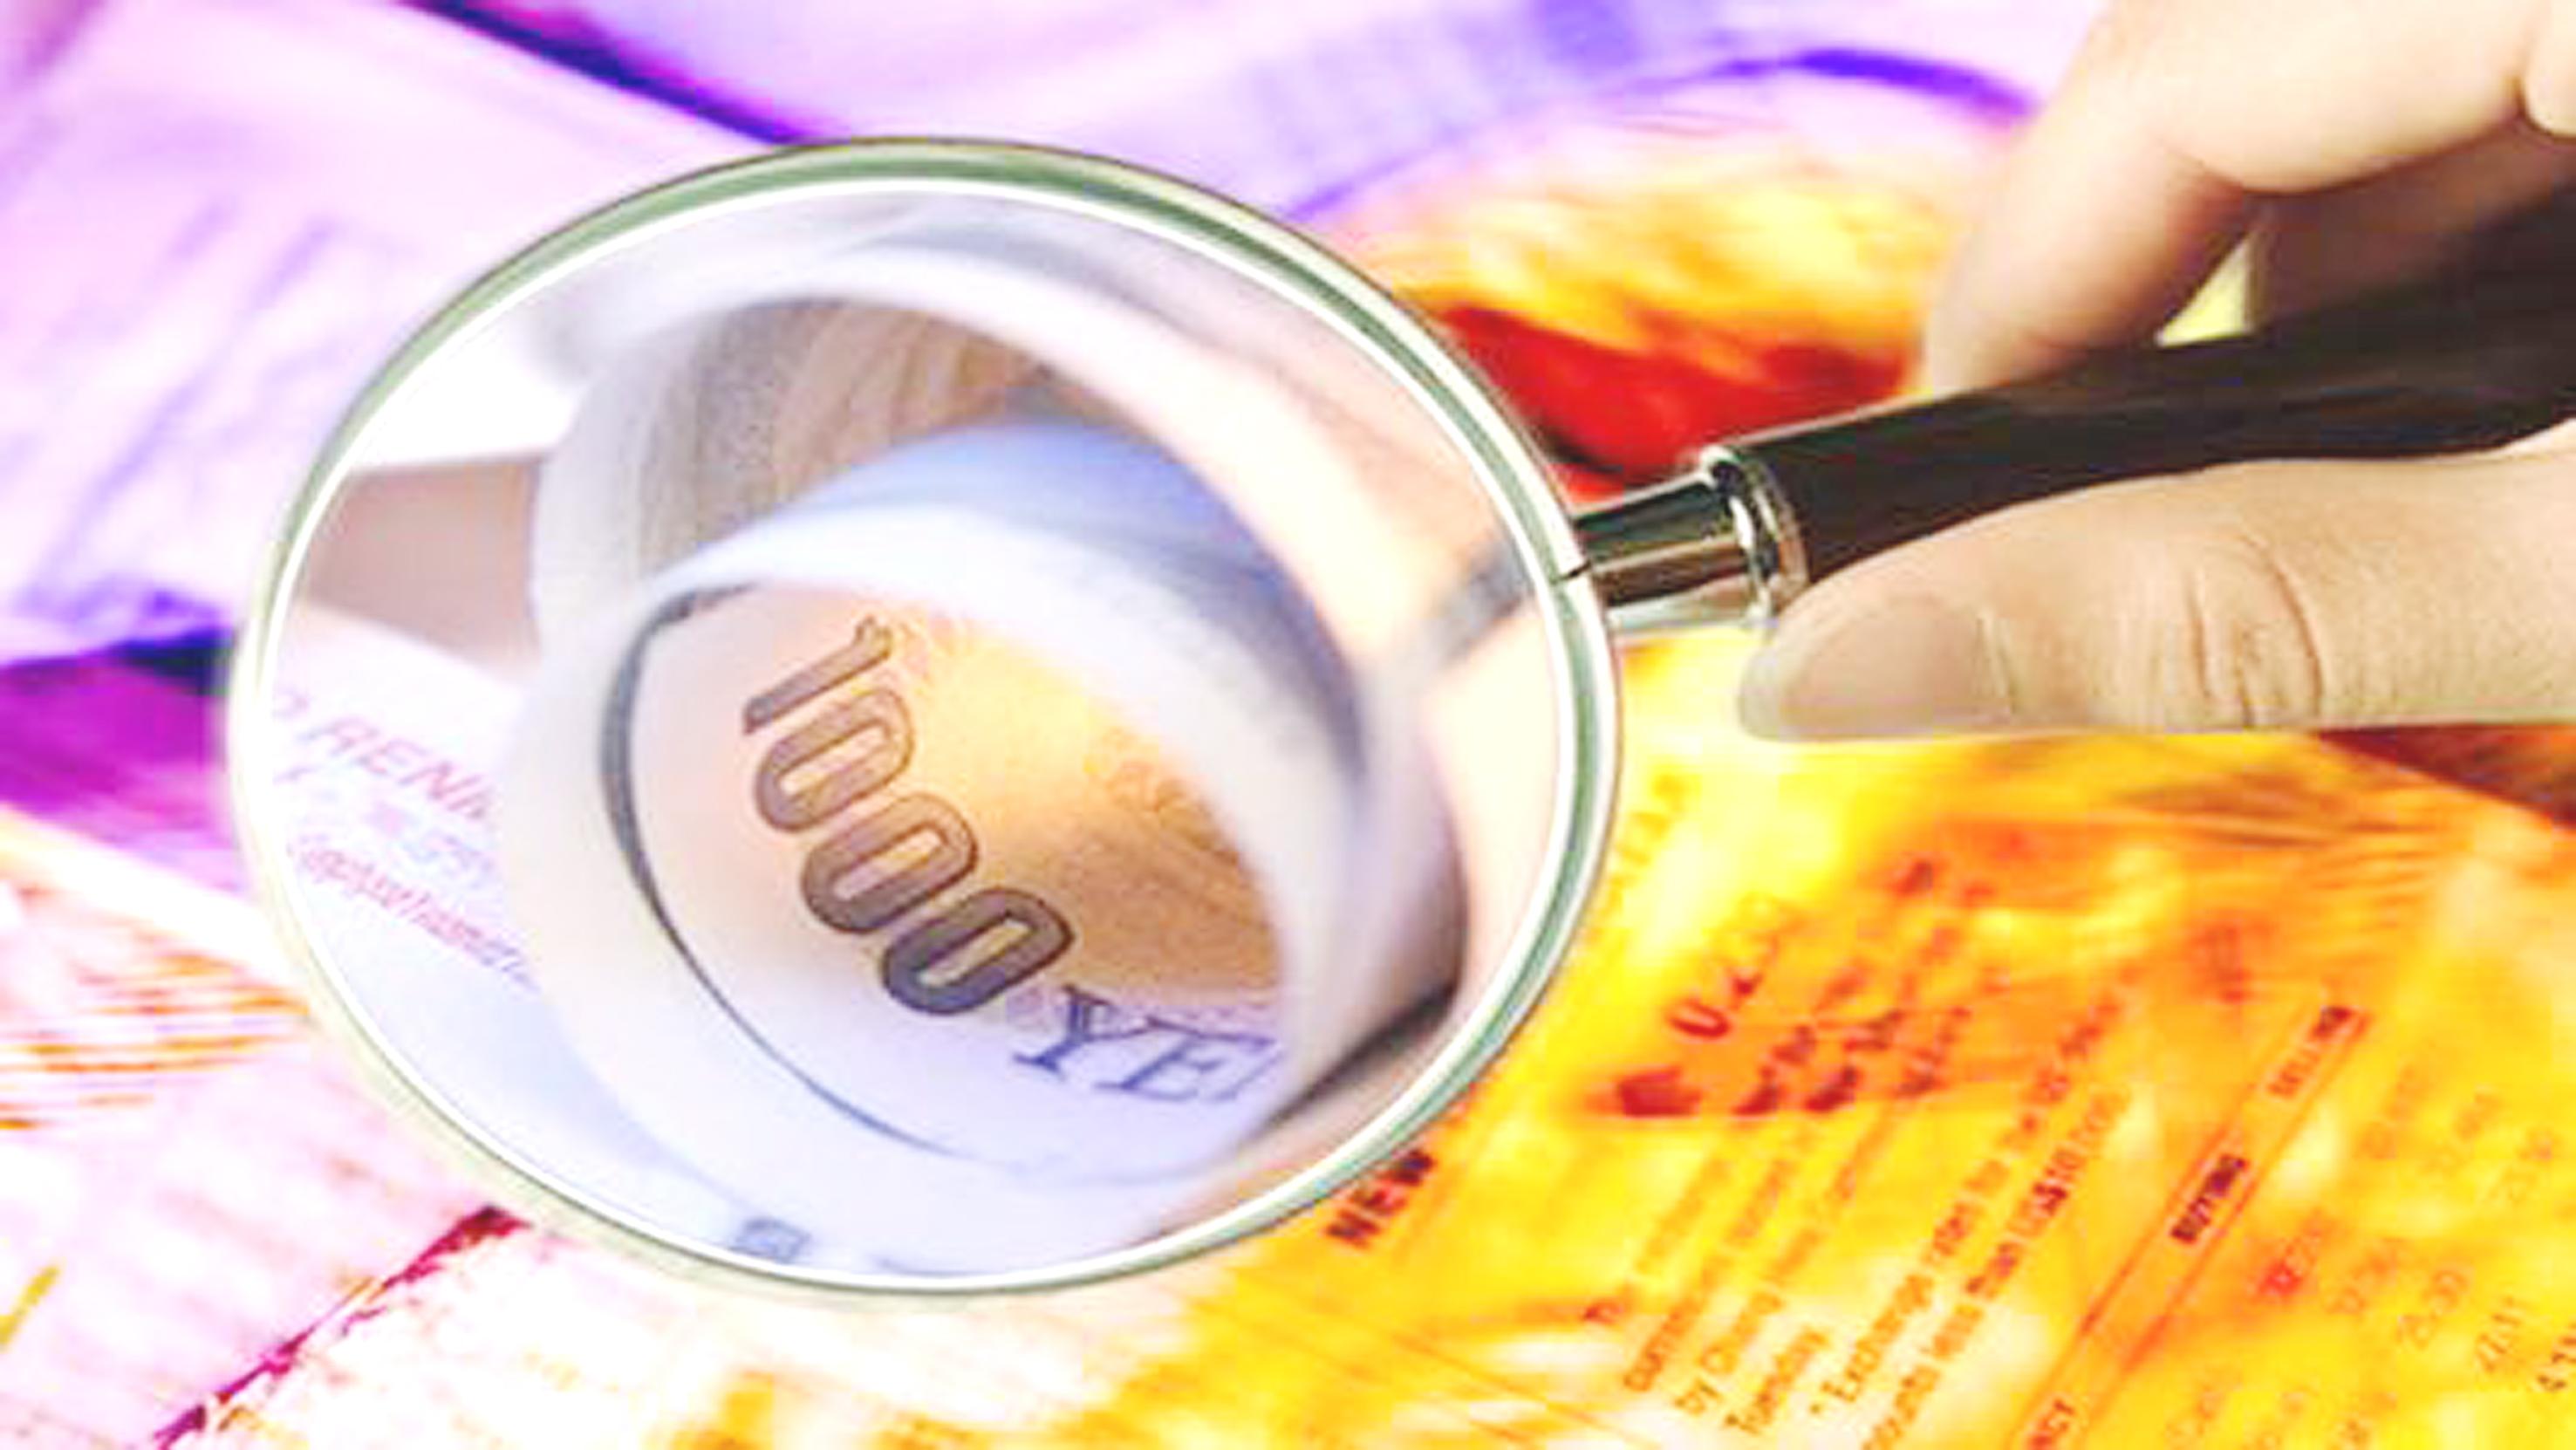 信用卡积分可以兑换现金吗?